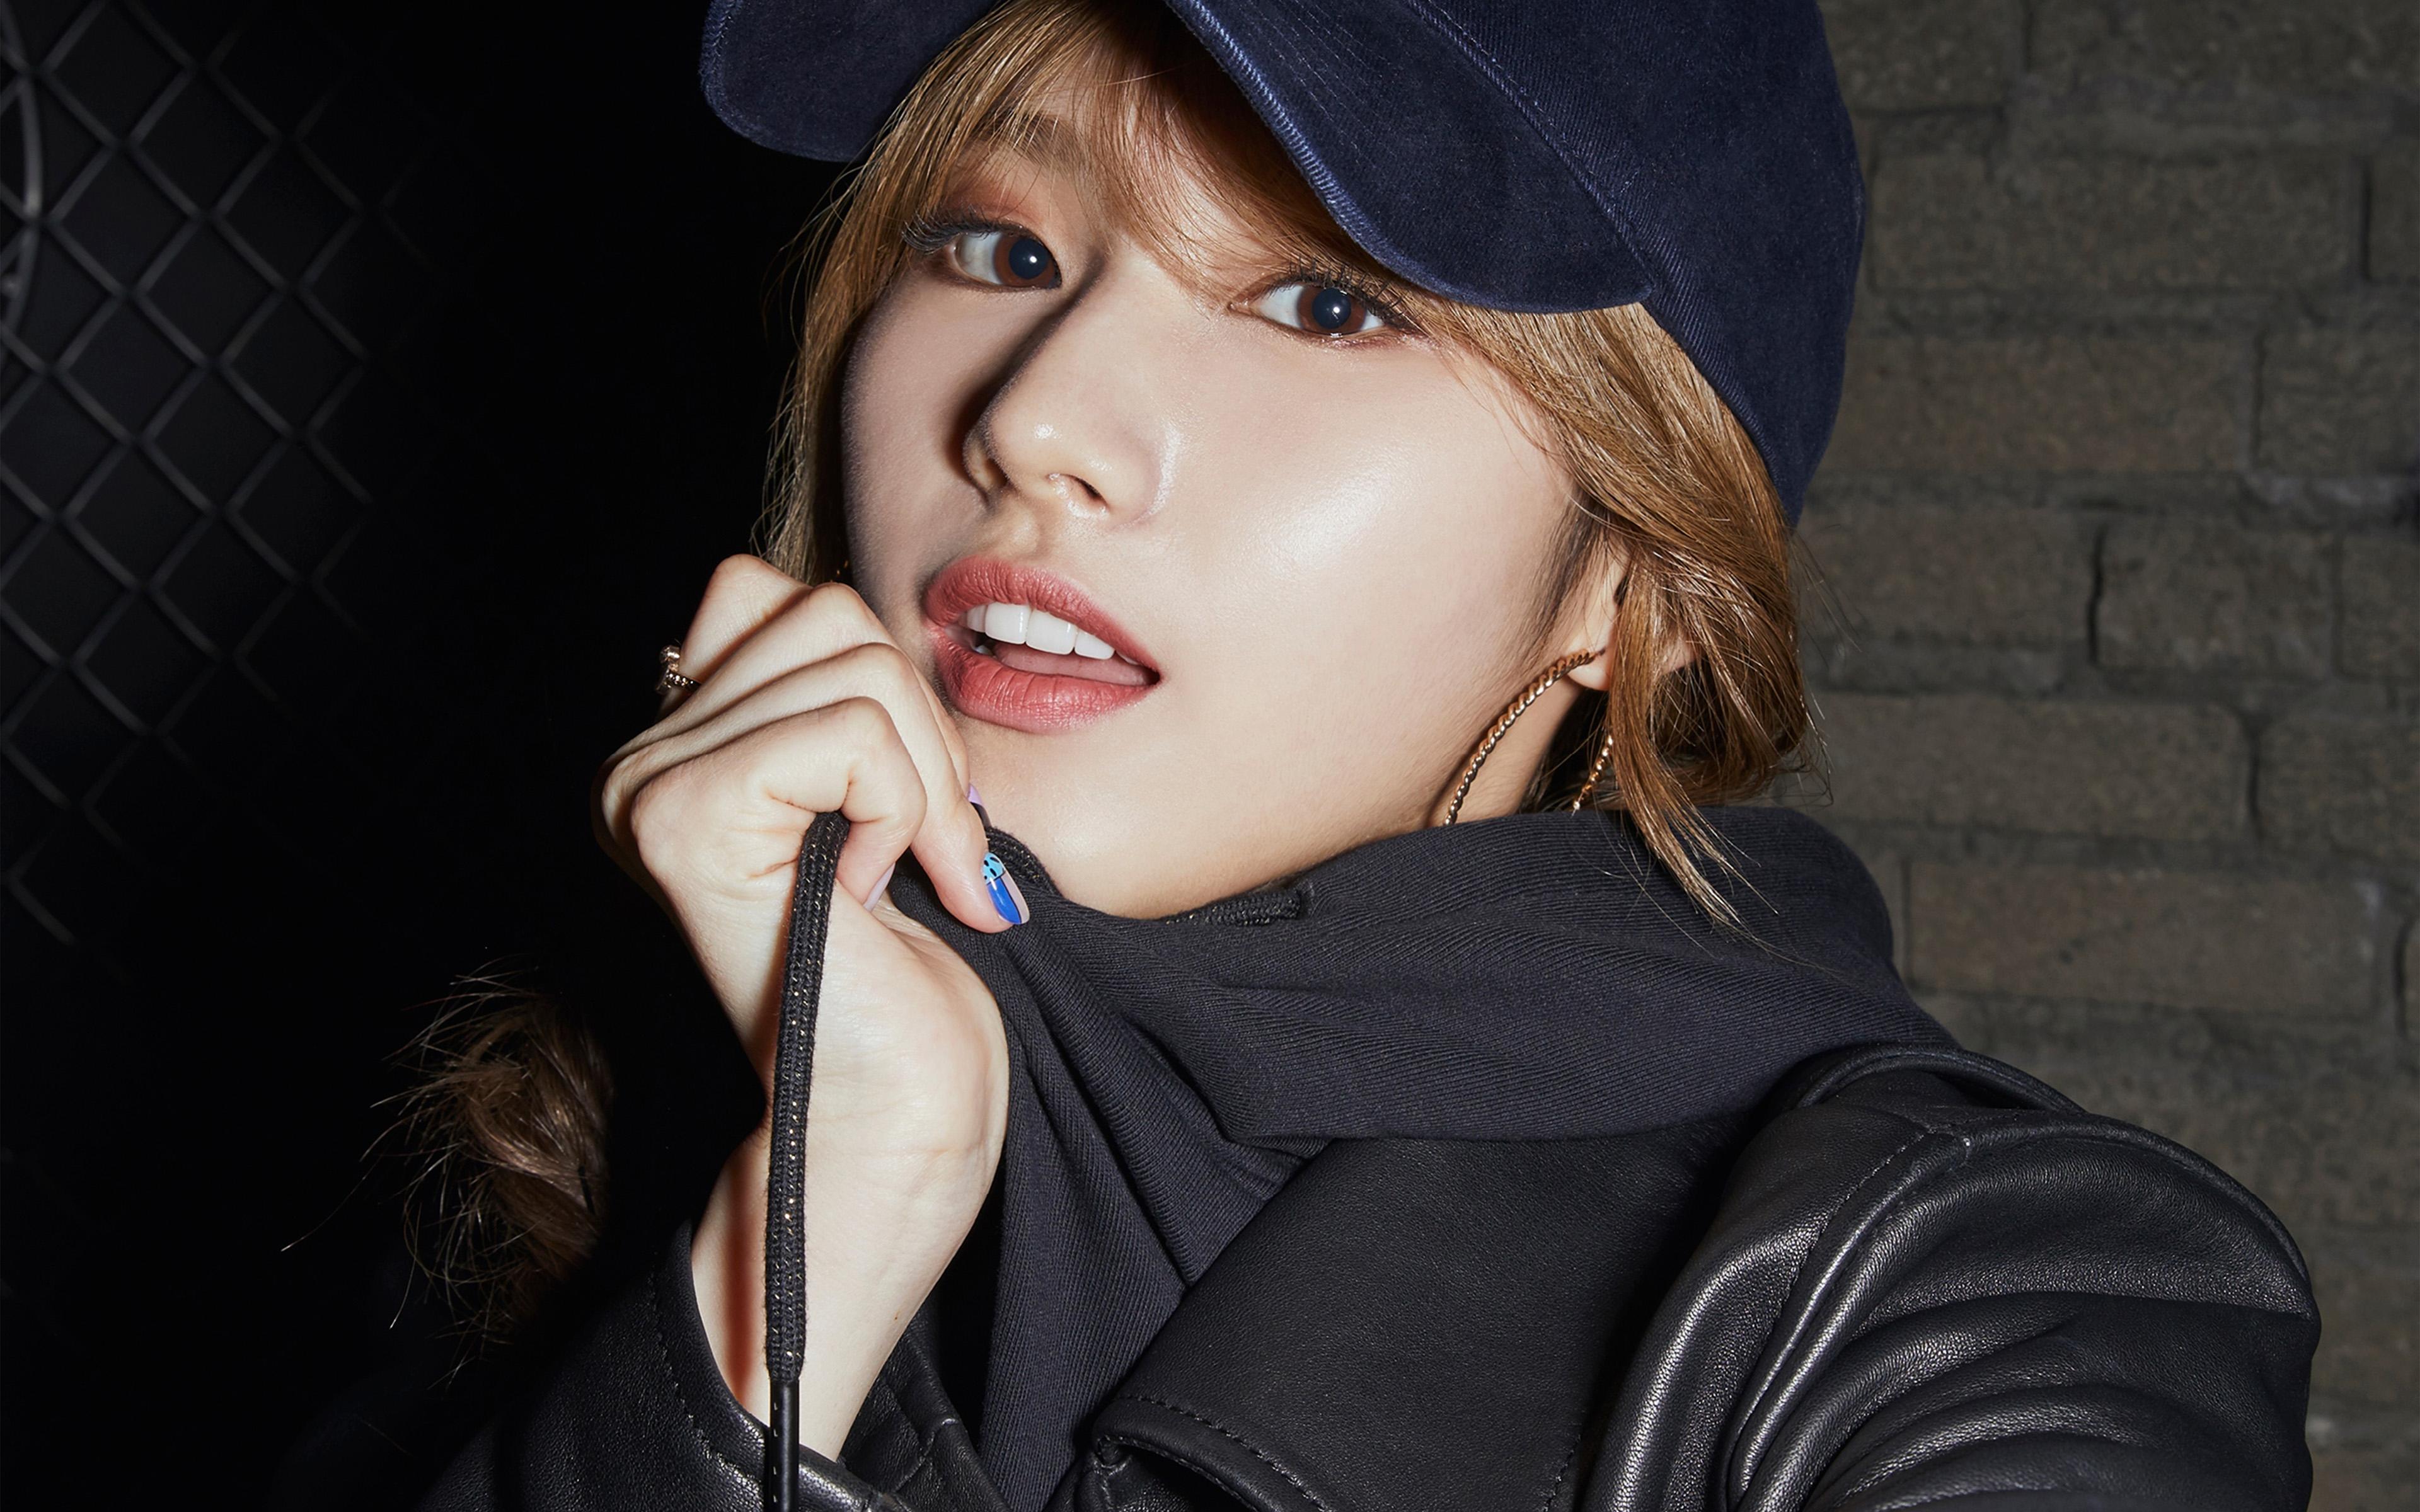 Ho21 Girl Twice Kpop Wallpaper